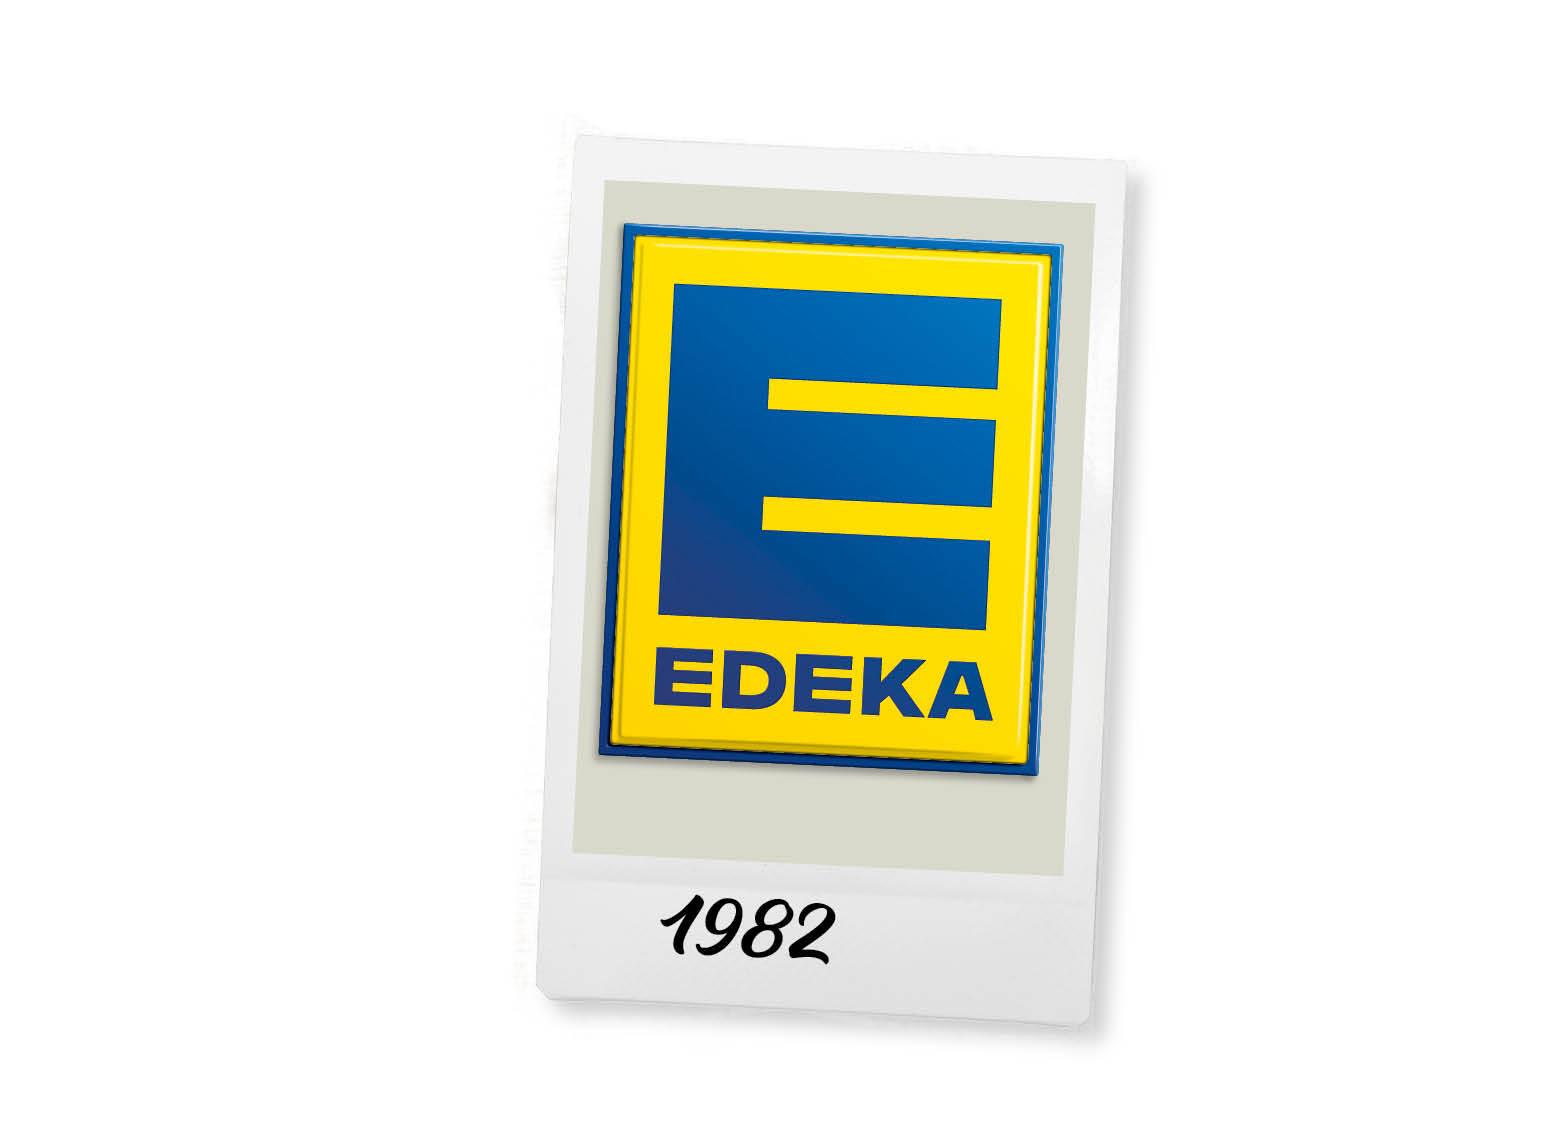 Beginn der warenwirtschftlichen Zusammenarbeit mit EDEKA.